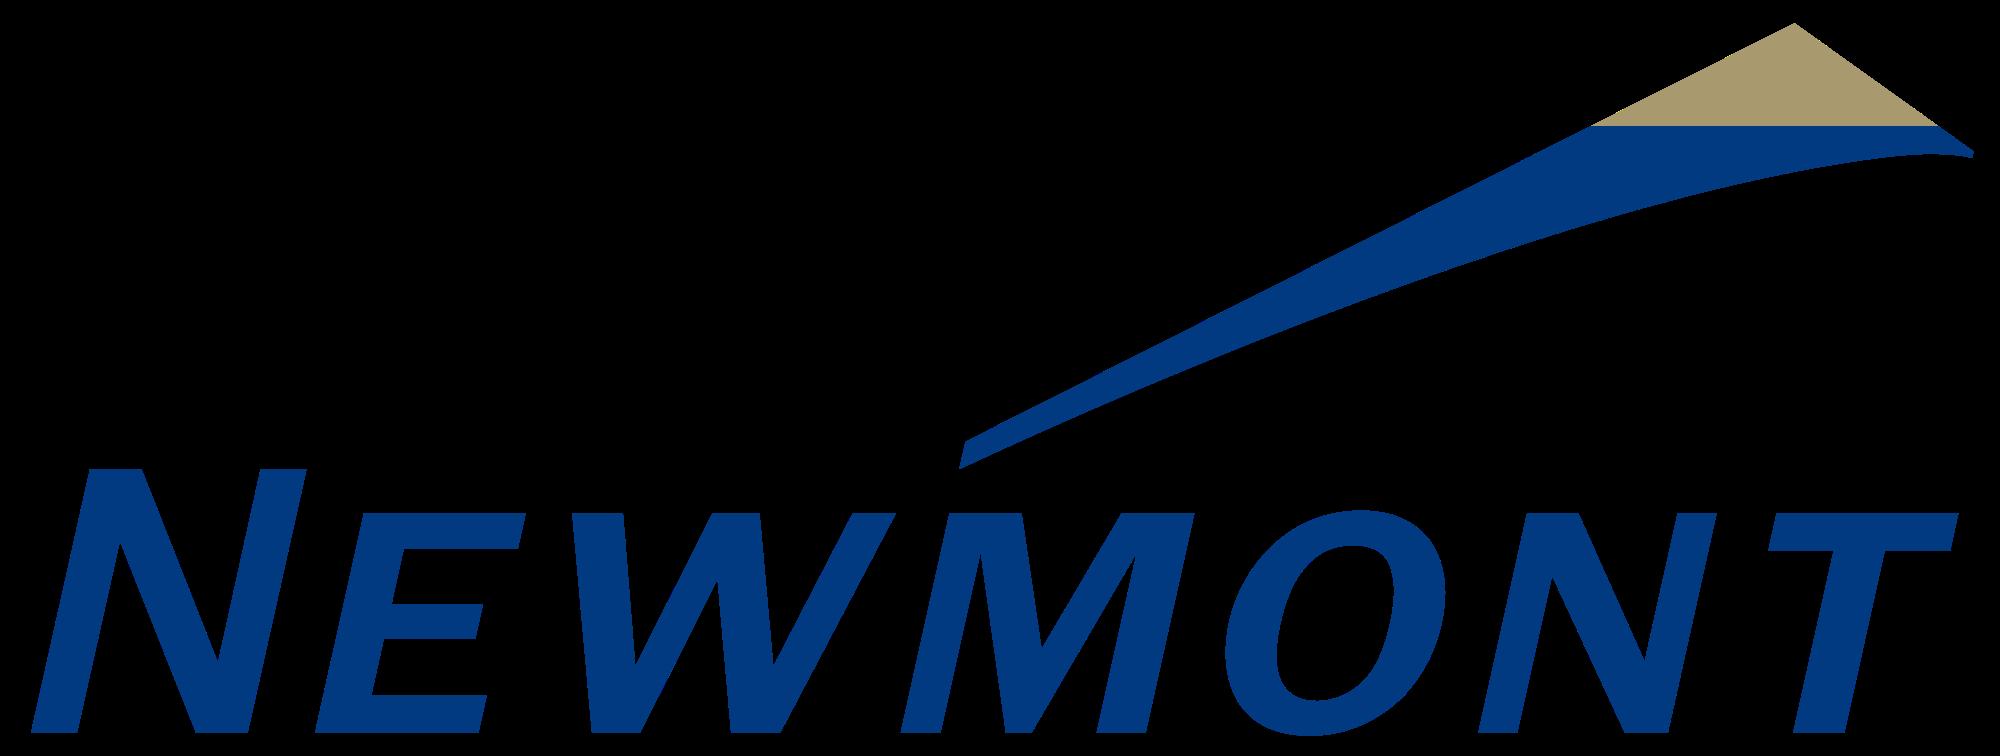 Erwartungen übertroffen — 2016 Q1 Gewinn von Newmont Mining überrascht Analysten